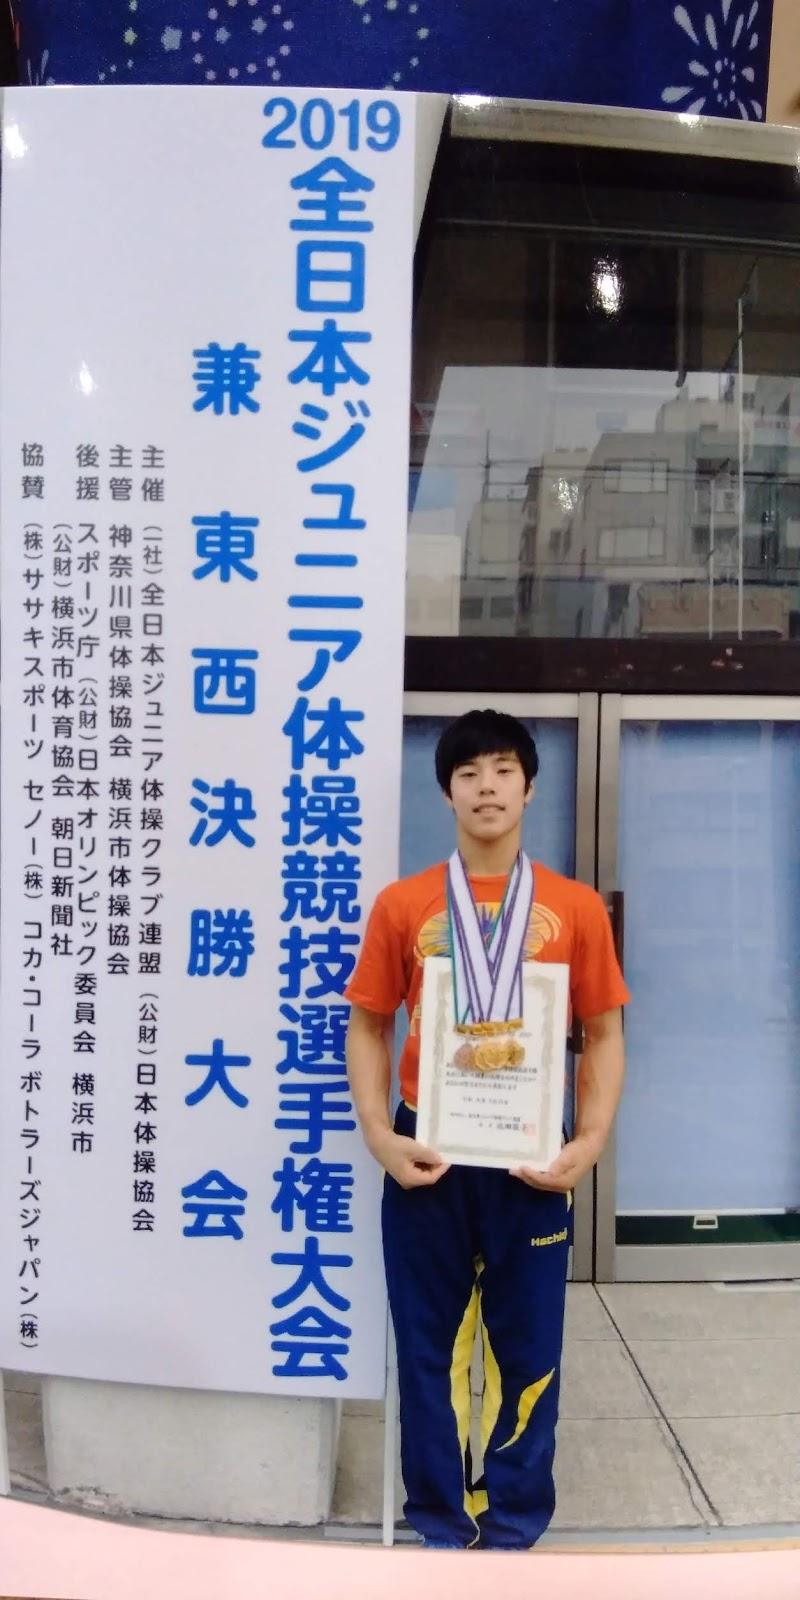 体操 全日本 2019 ジュニア